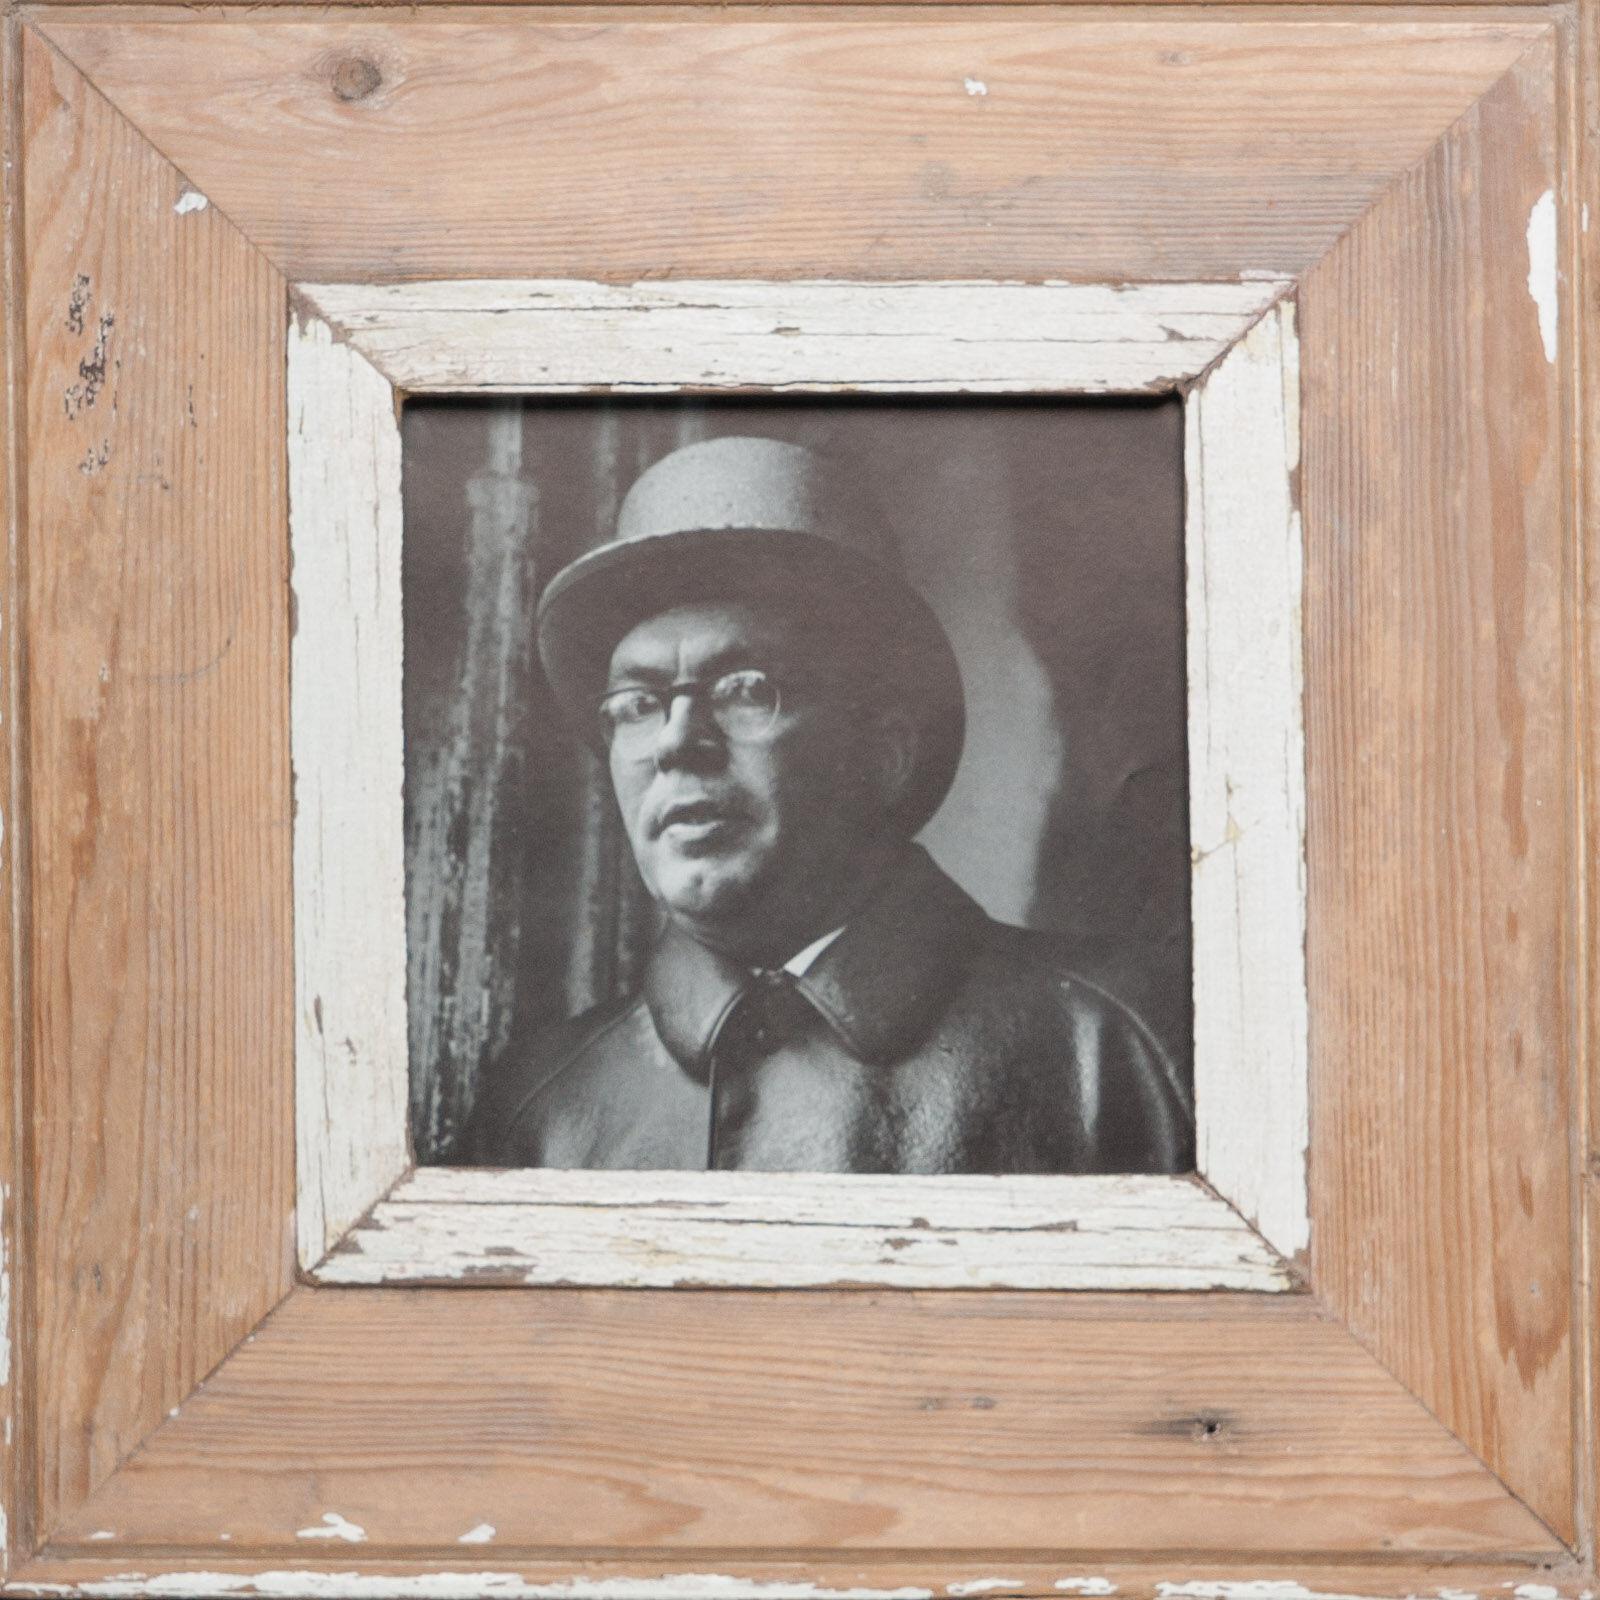 Quadratischer Bilderrahmen aus alten Holzleisten aus Kapstadt